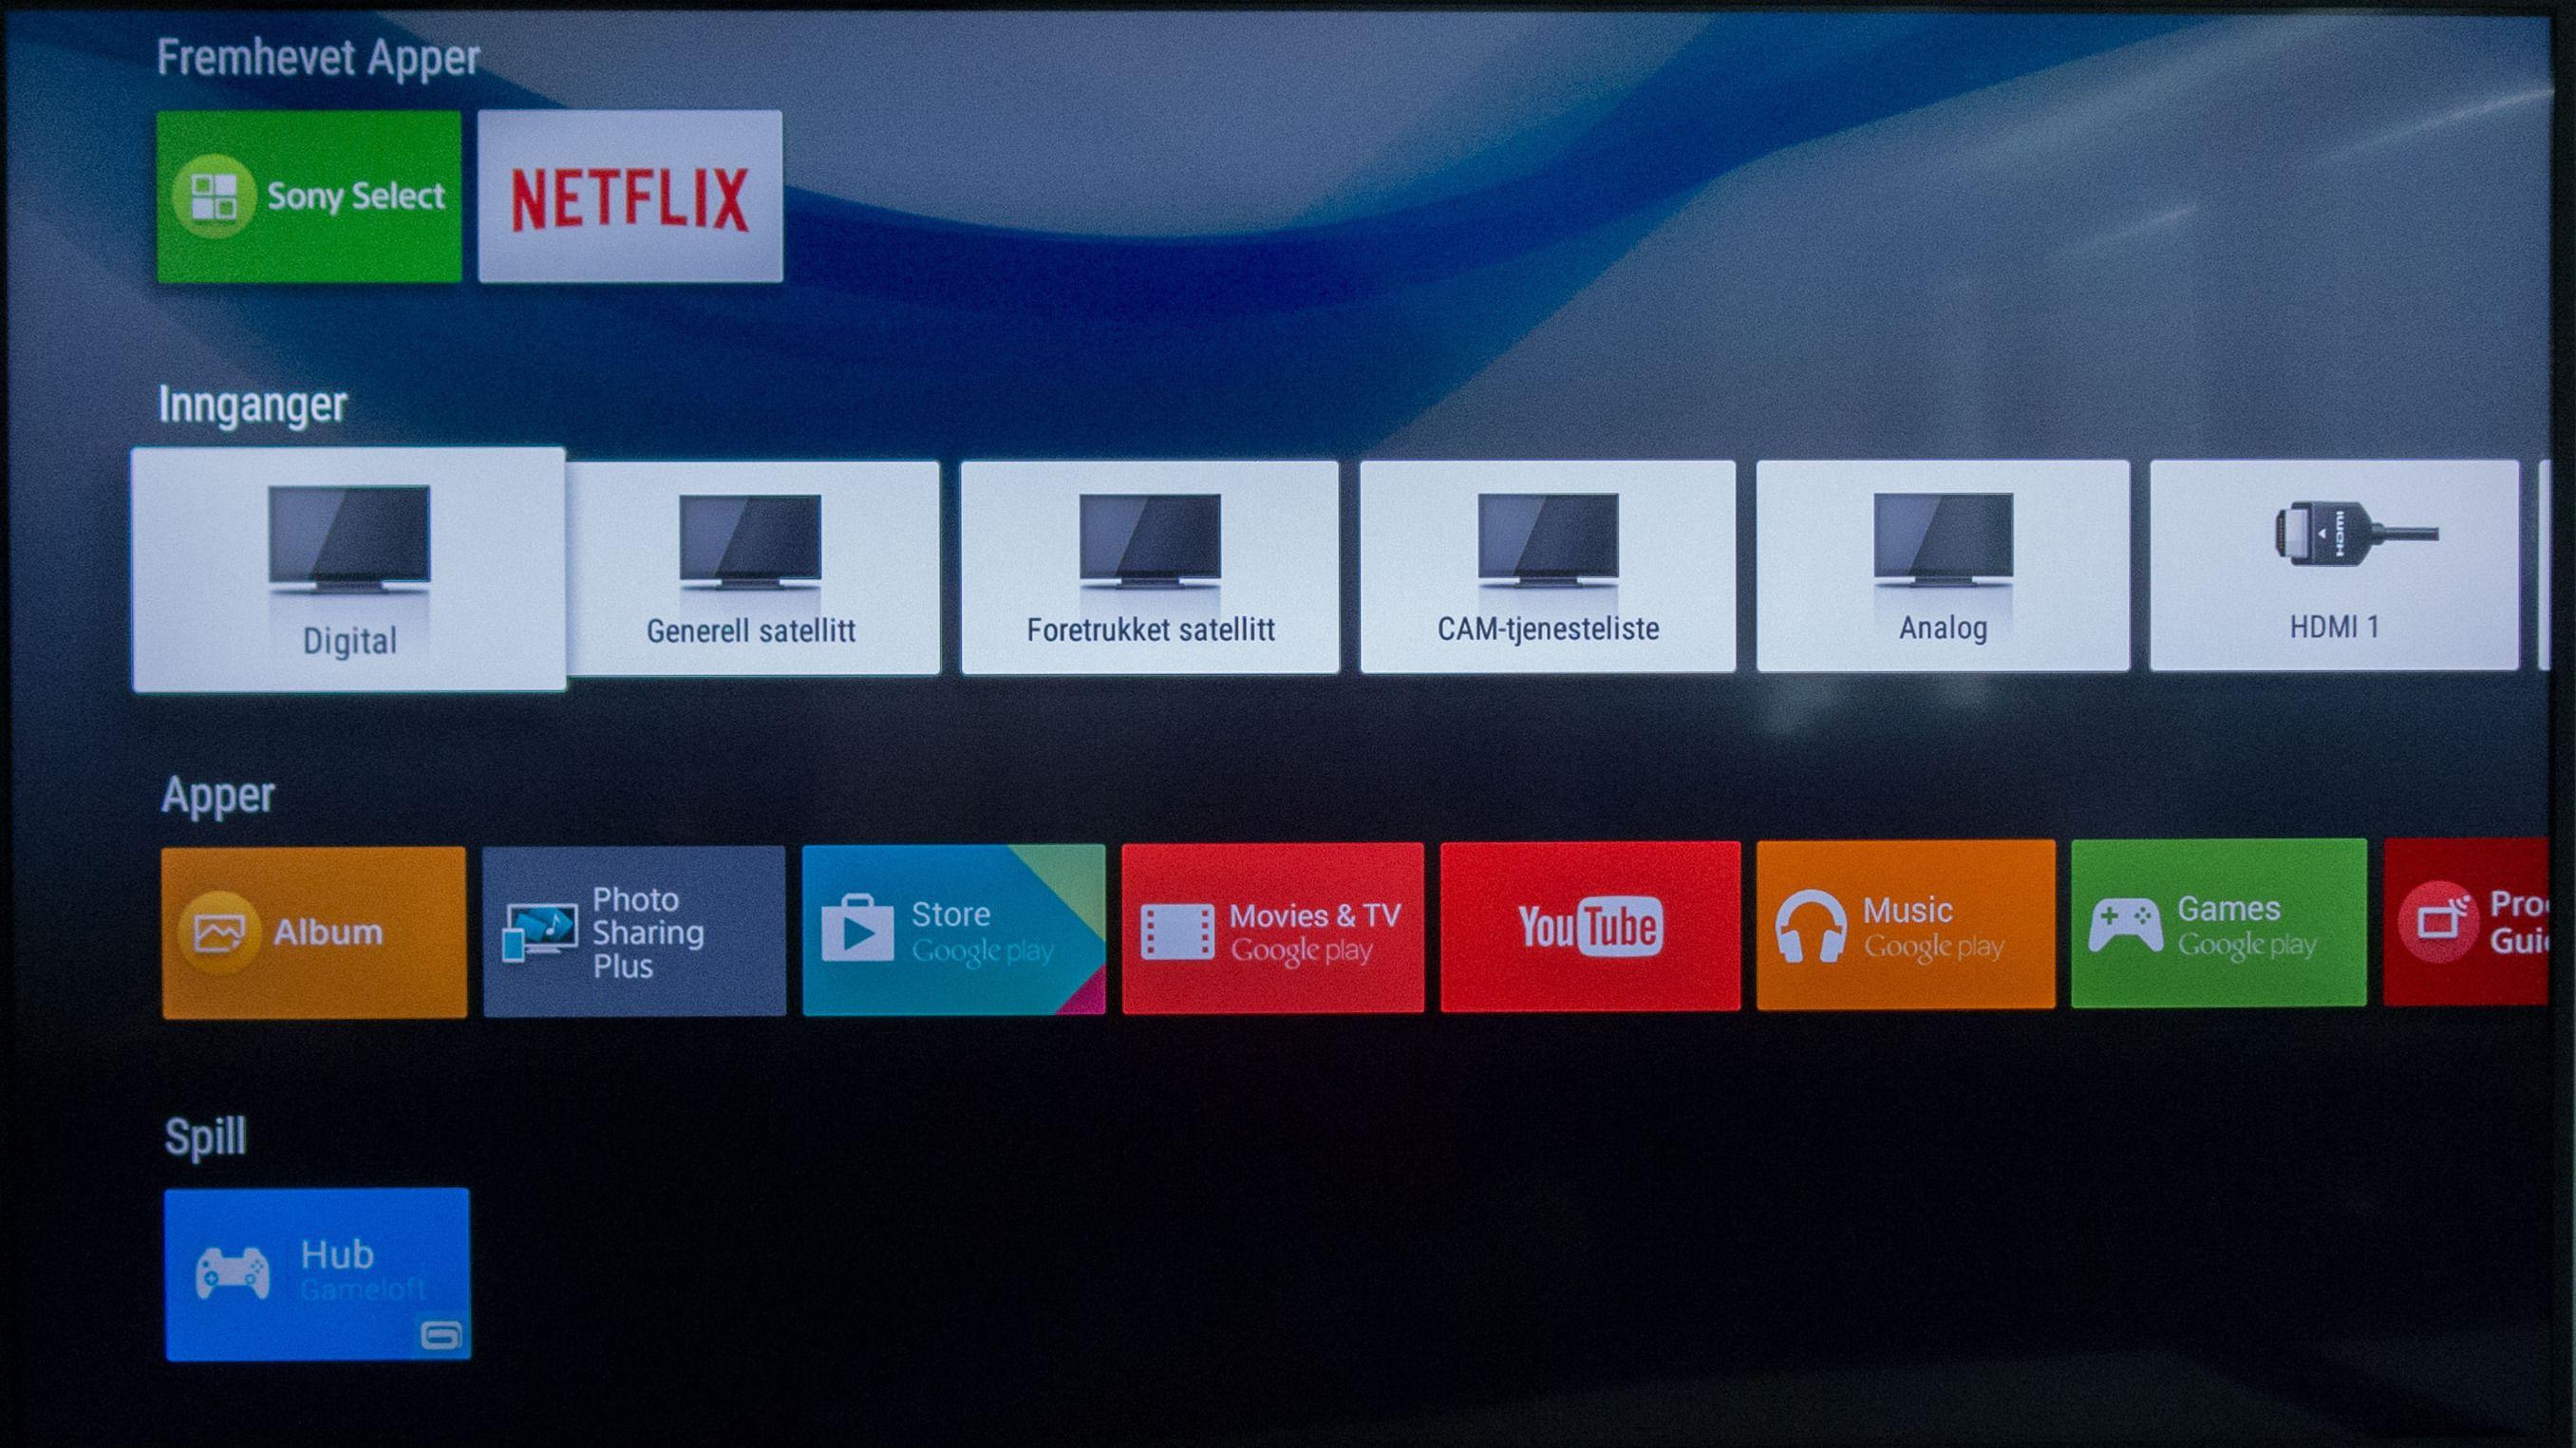 Android-menyene er satt opp i rekker etter kategorier. Foto: Ole Henrik Johansen / Tek.no